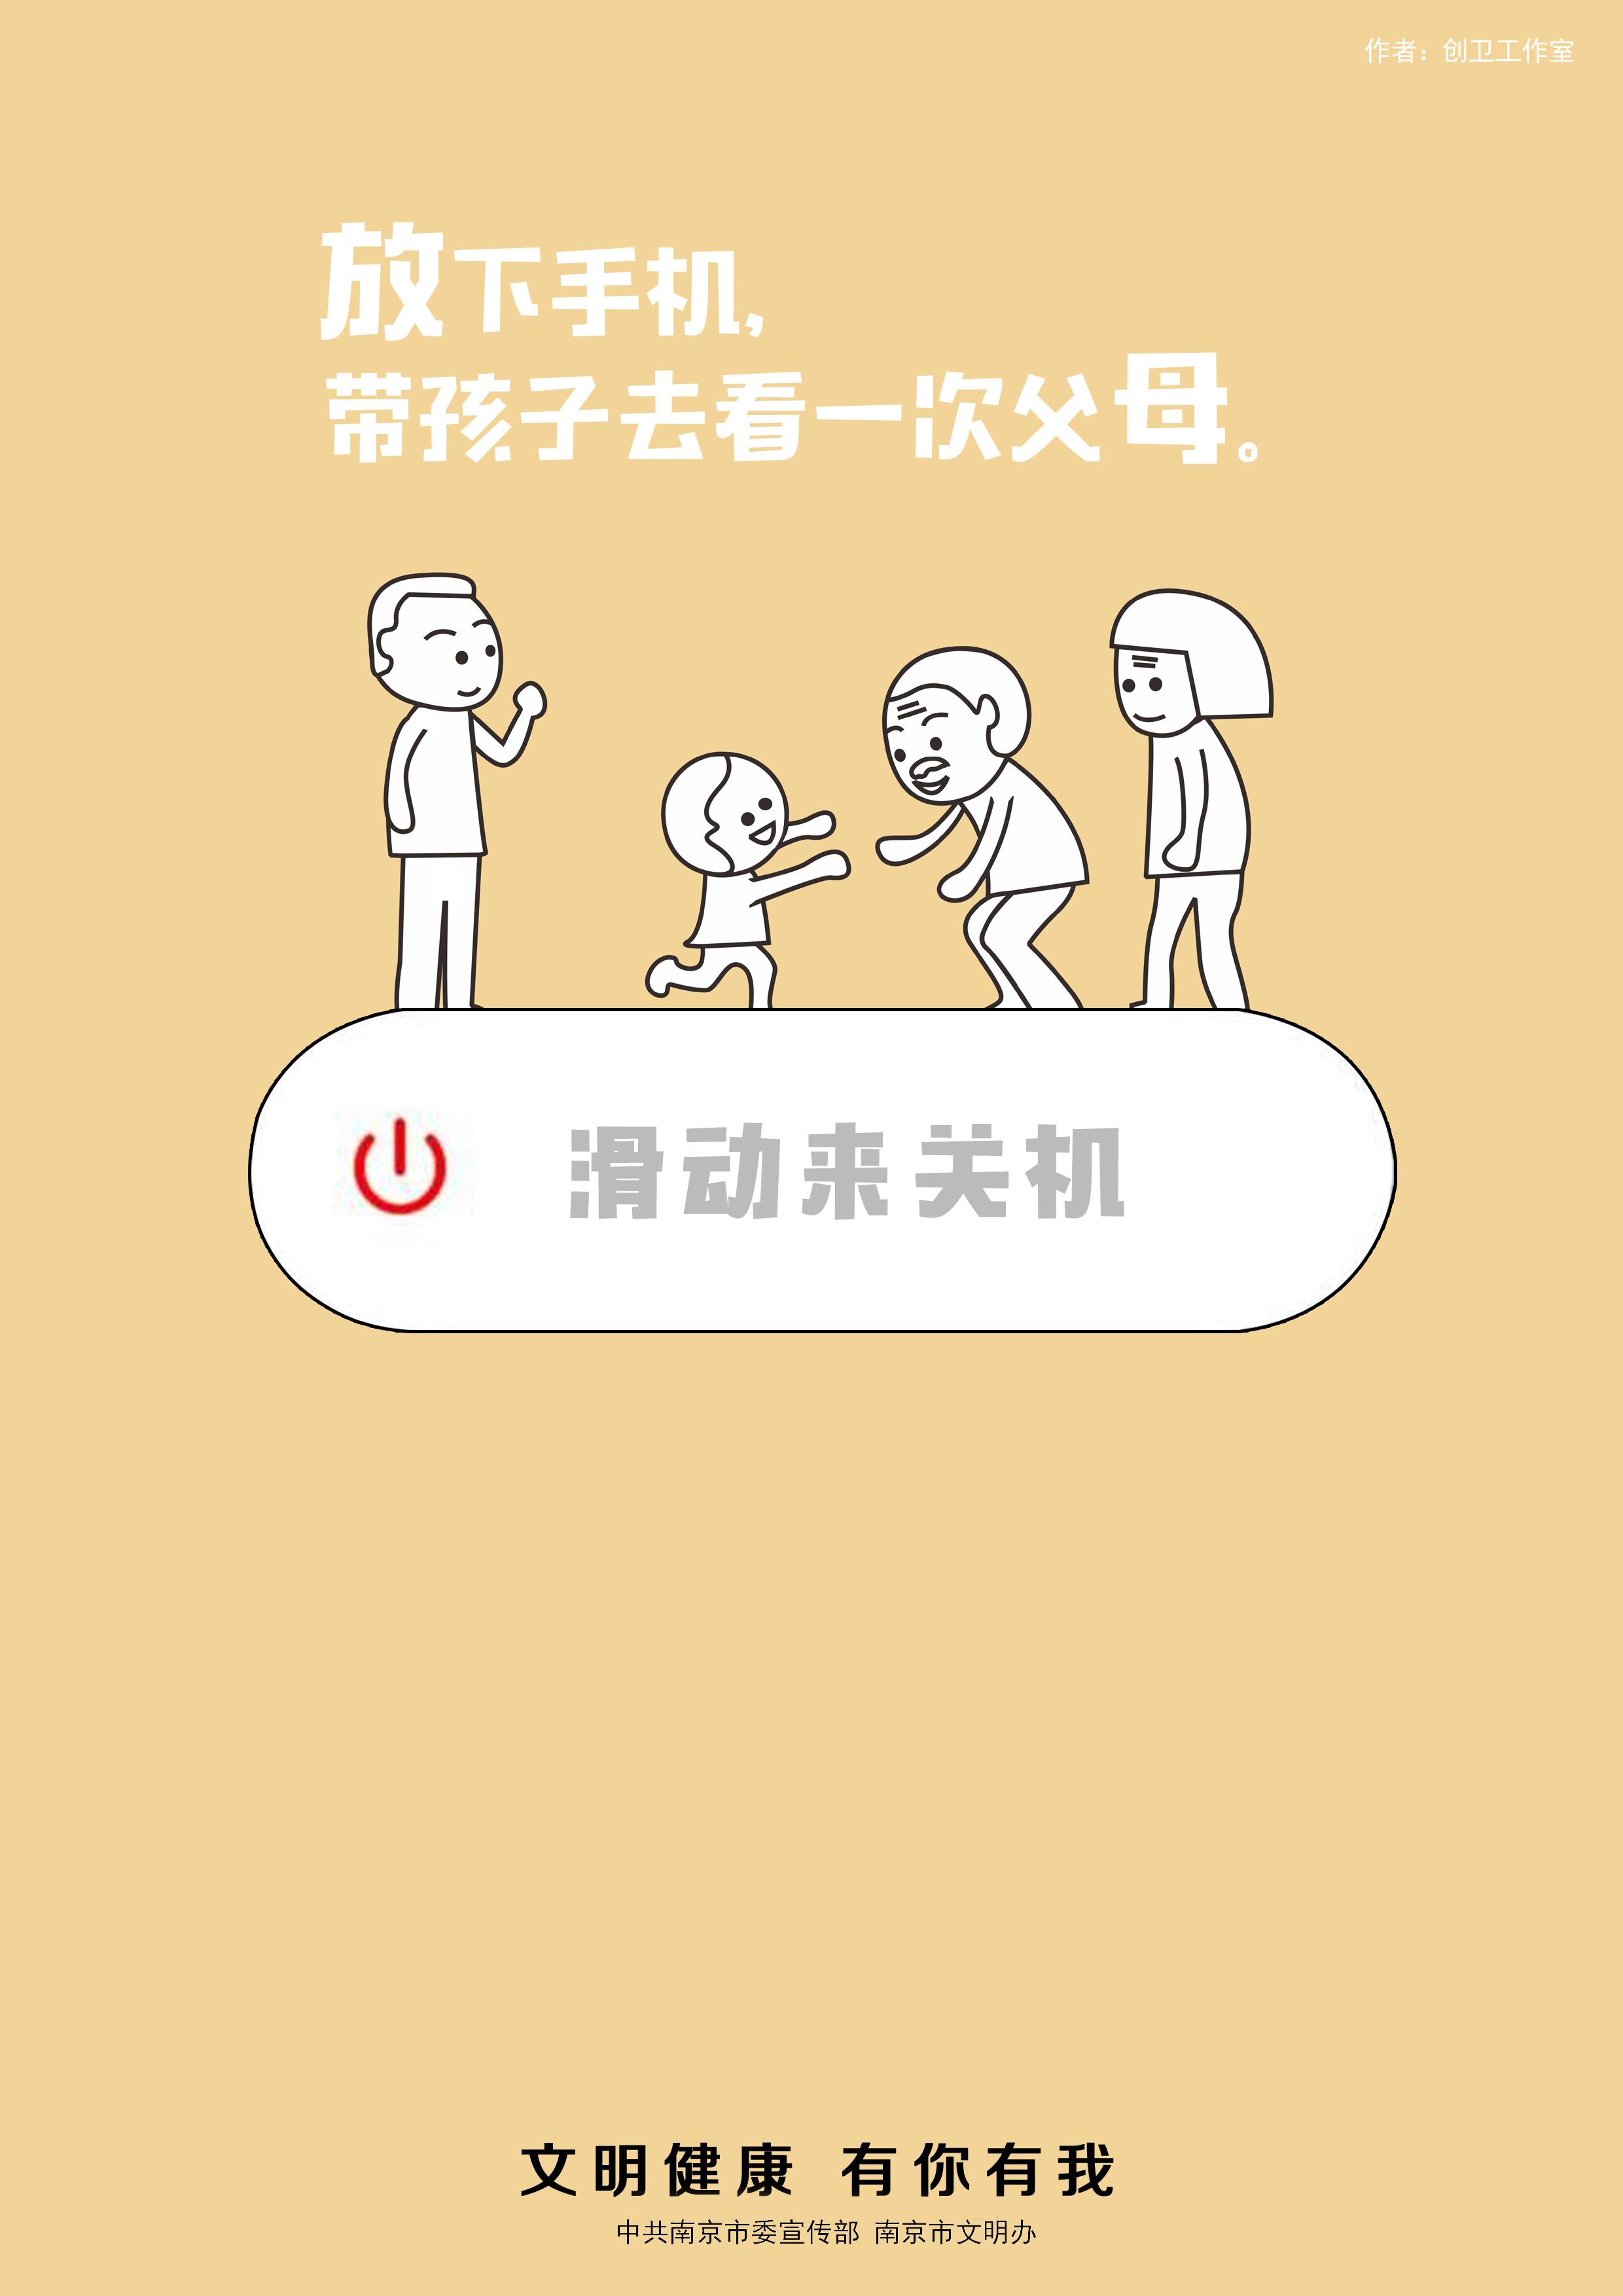 弘扬新风 (2).jpg